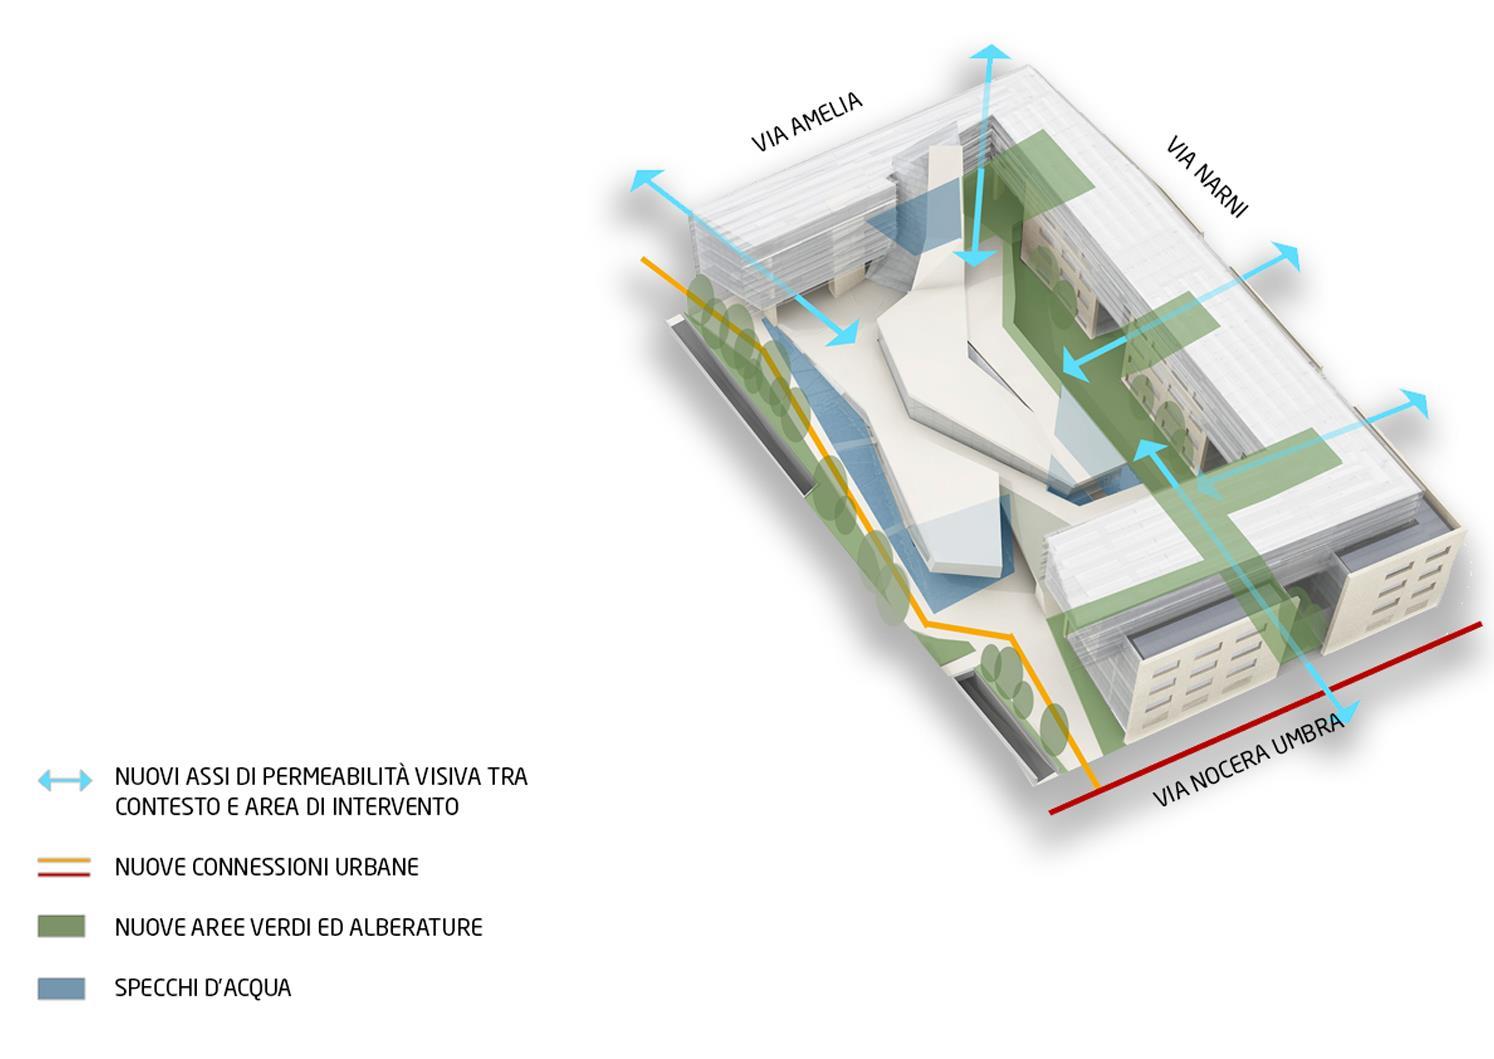 Schema delle connessioni urbane studio Transit}